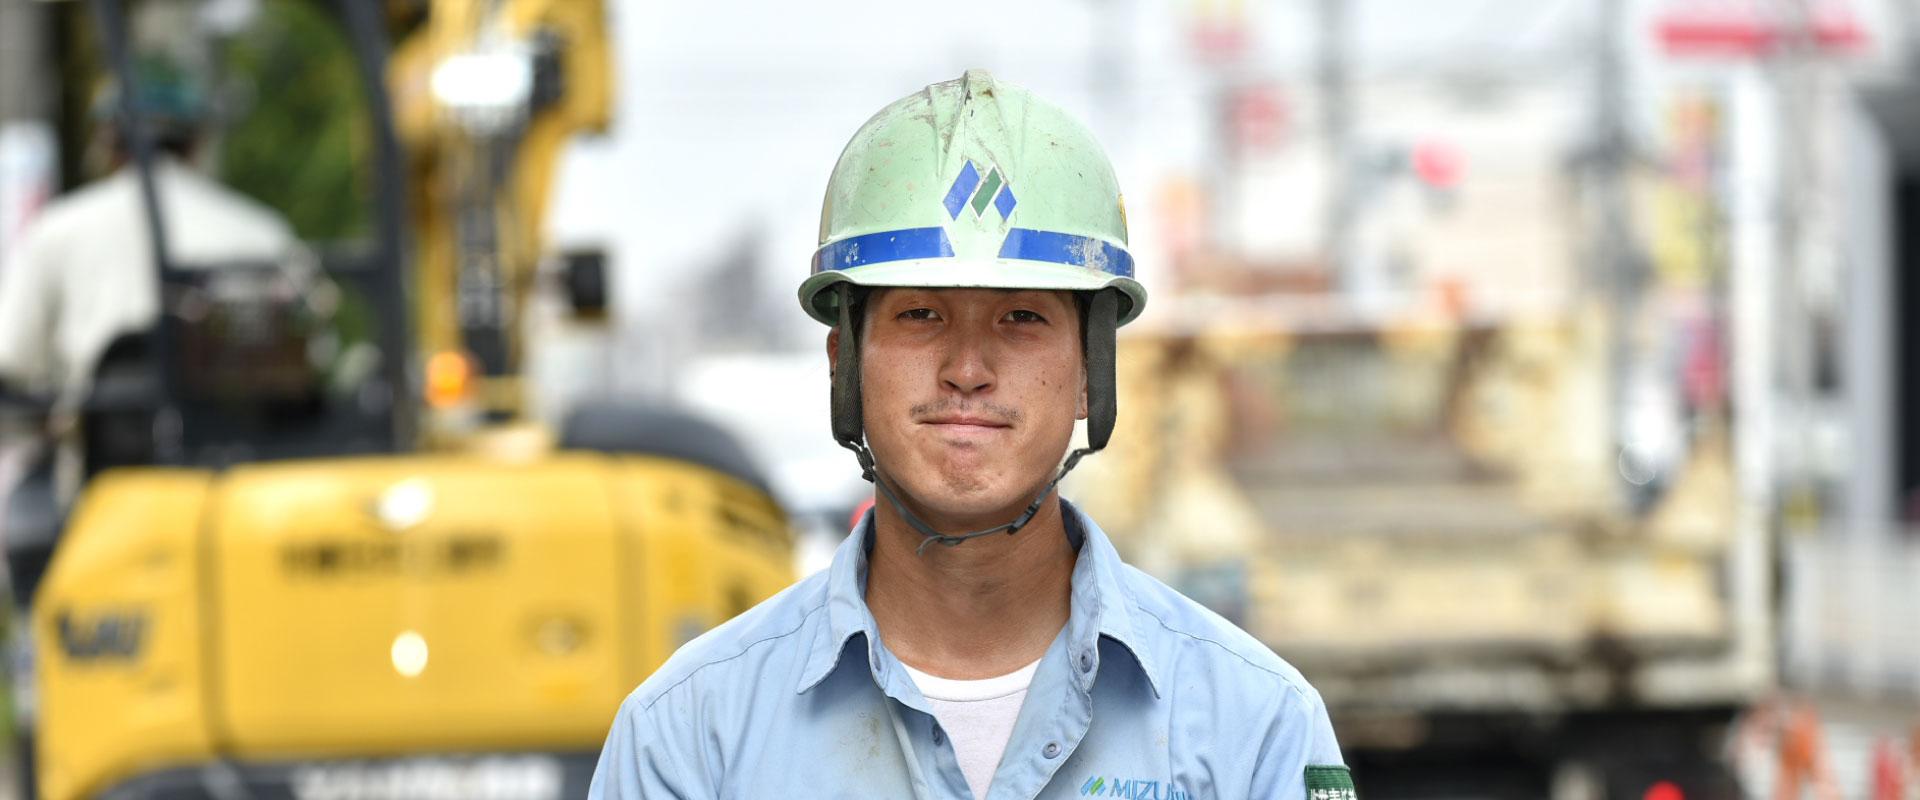 供給部 工事士(2010年新卒)